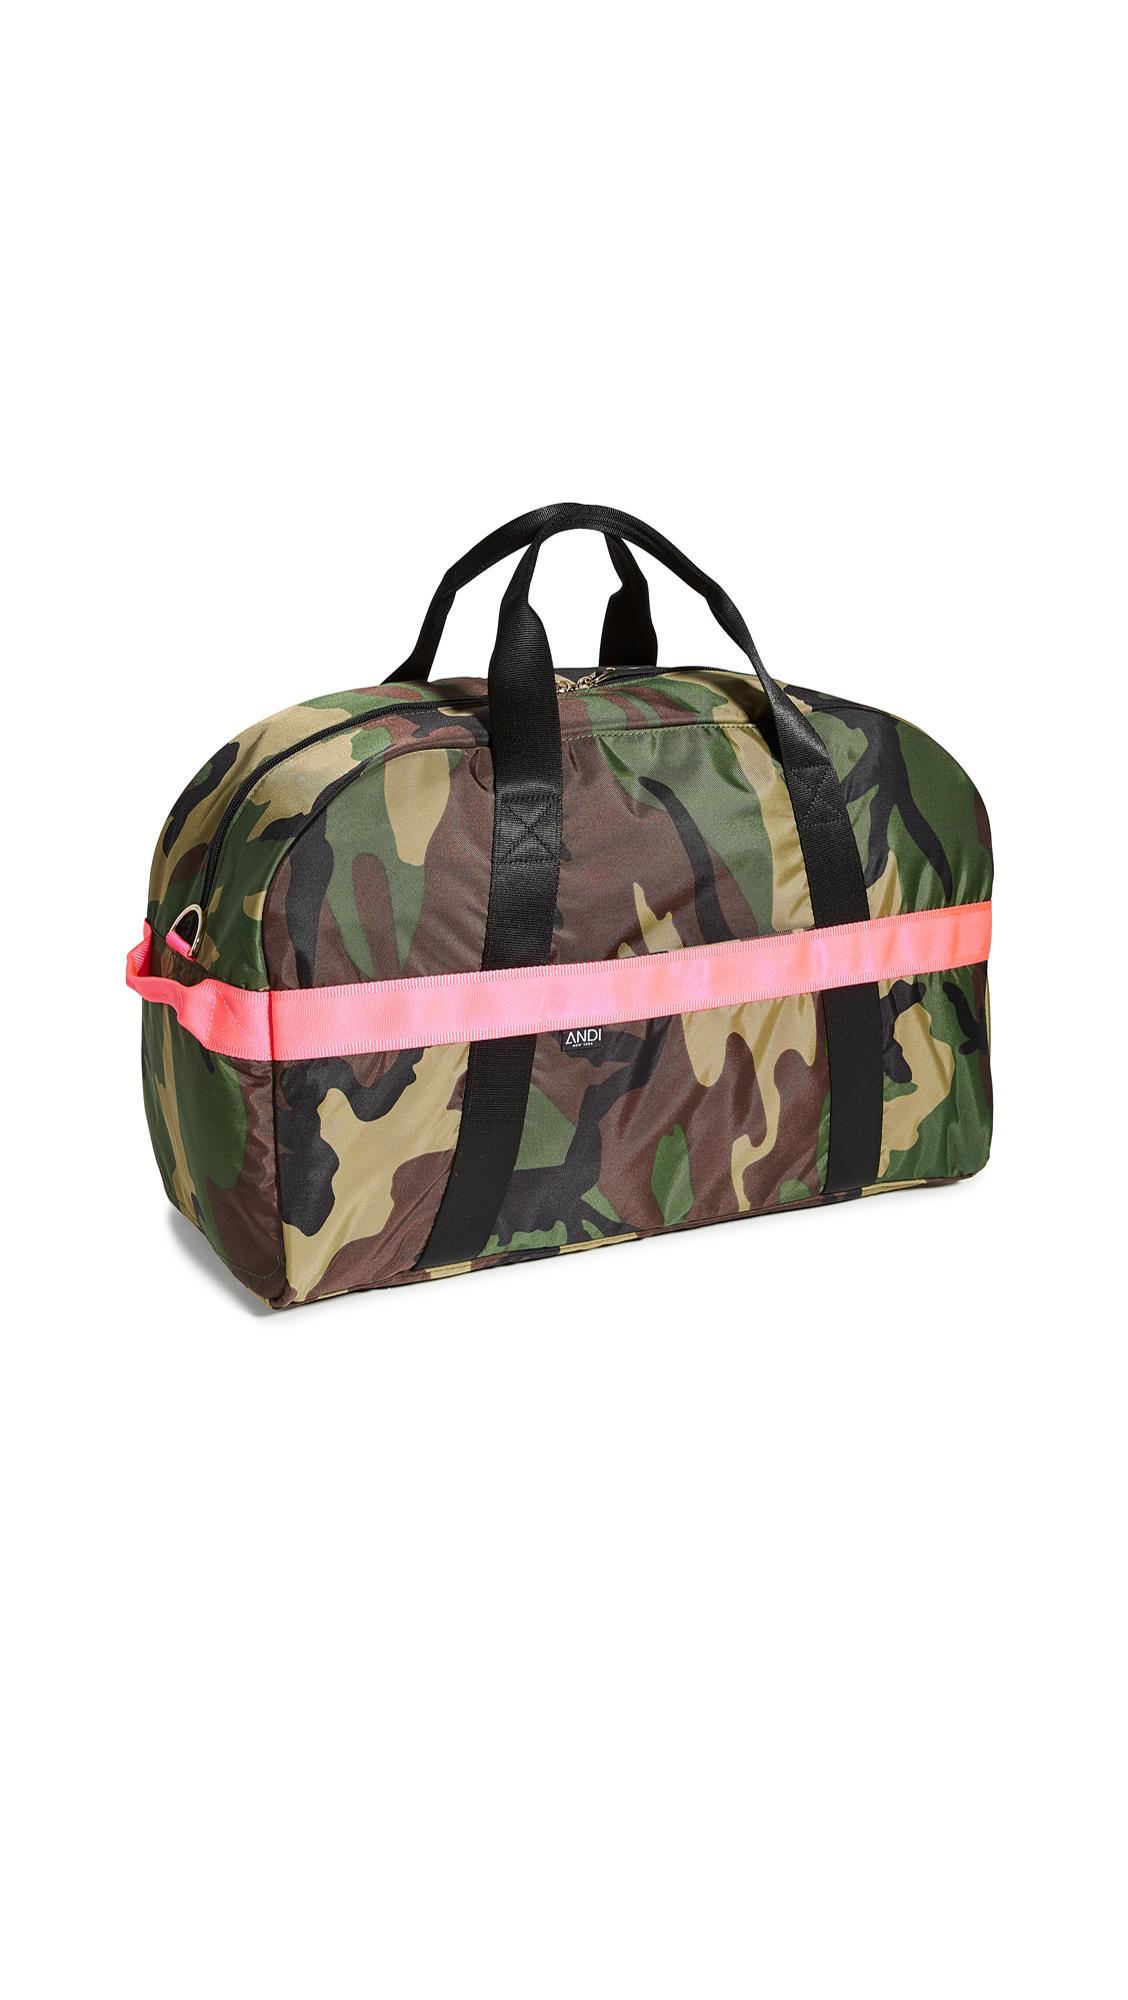 ANDI Duffle Bag